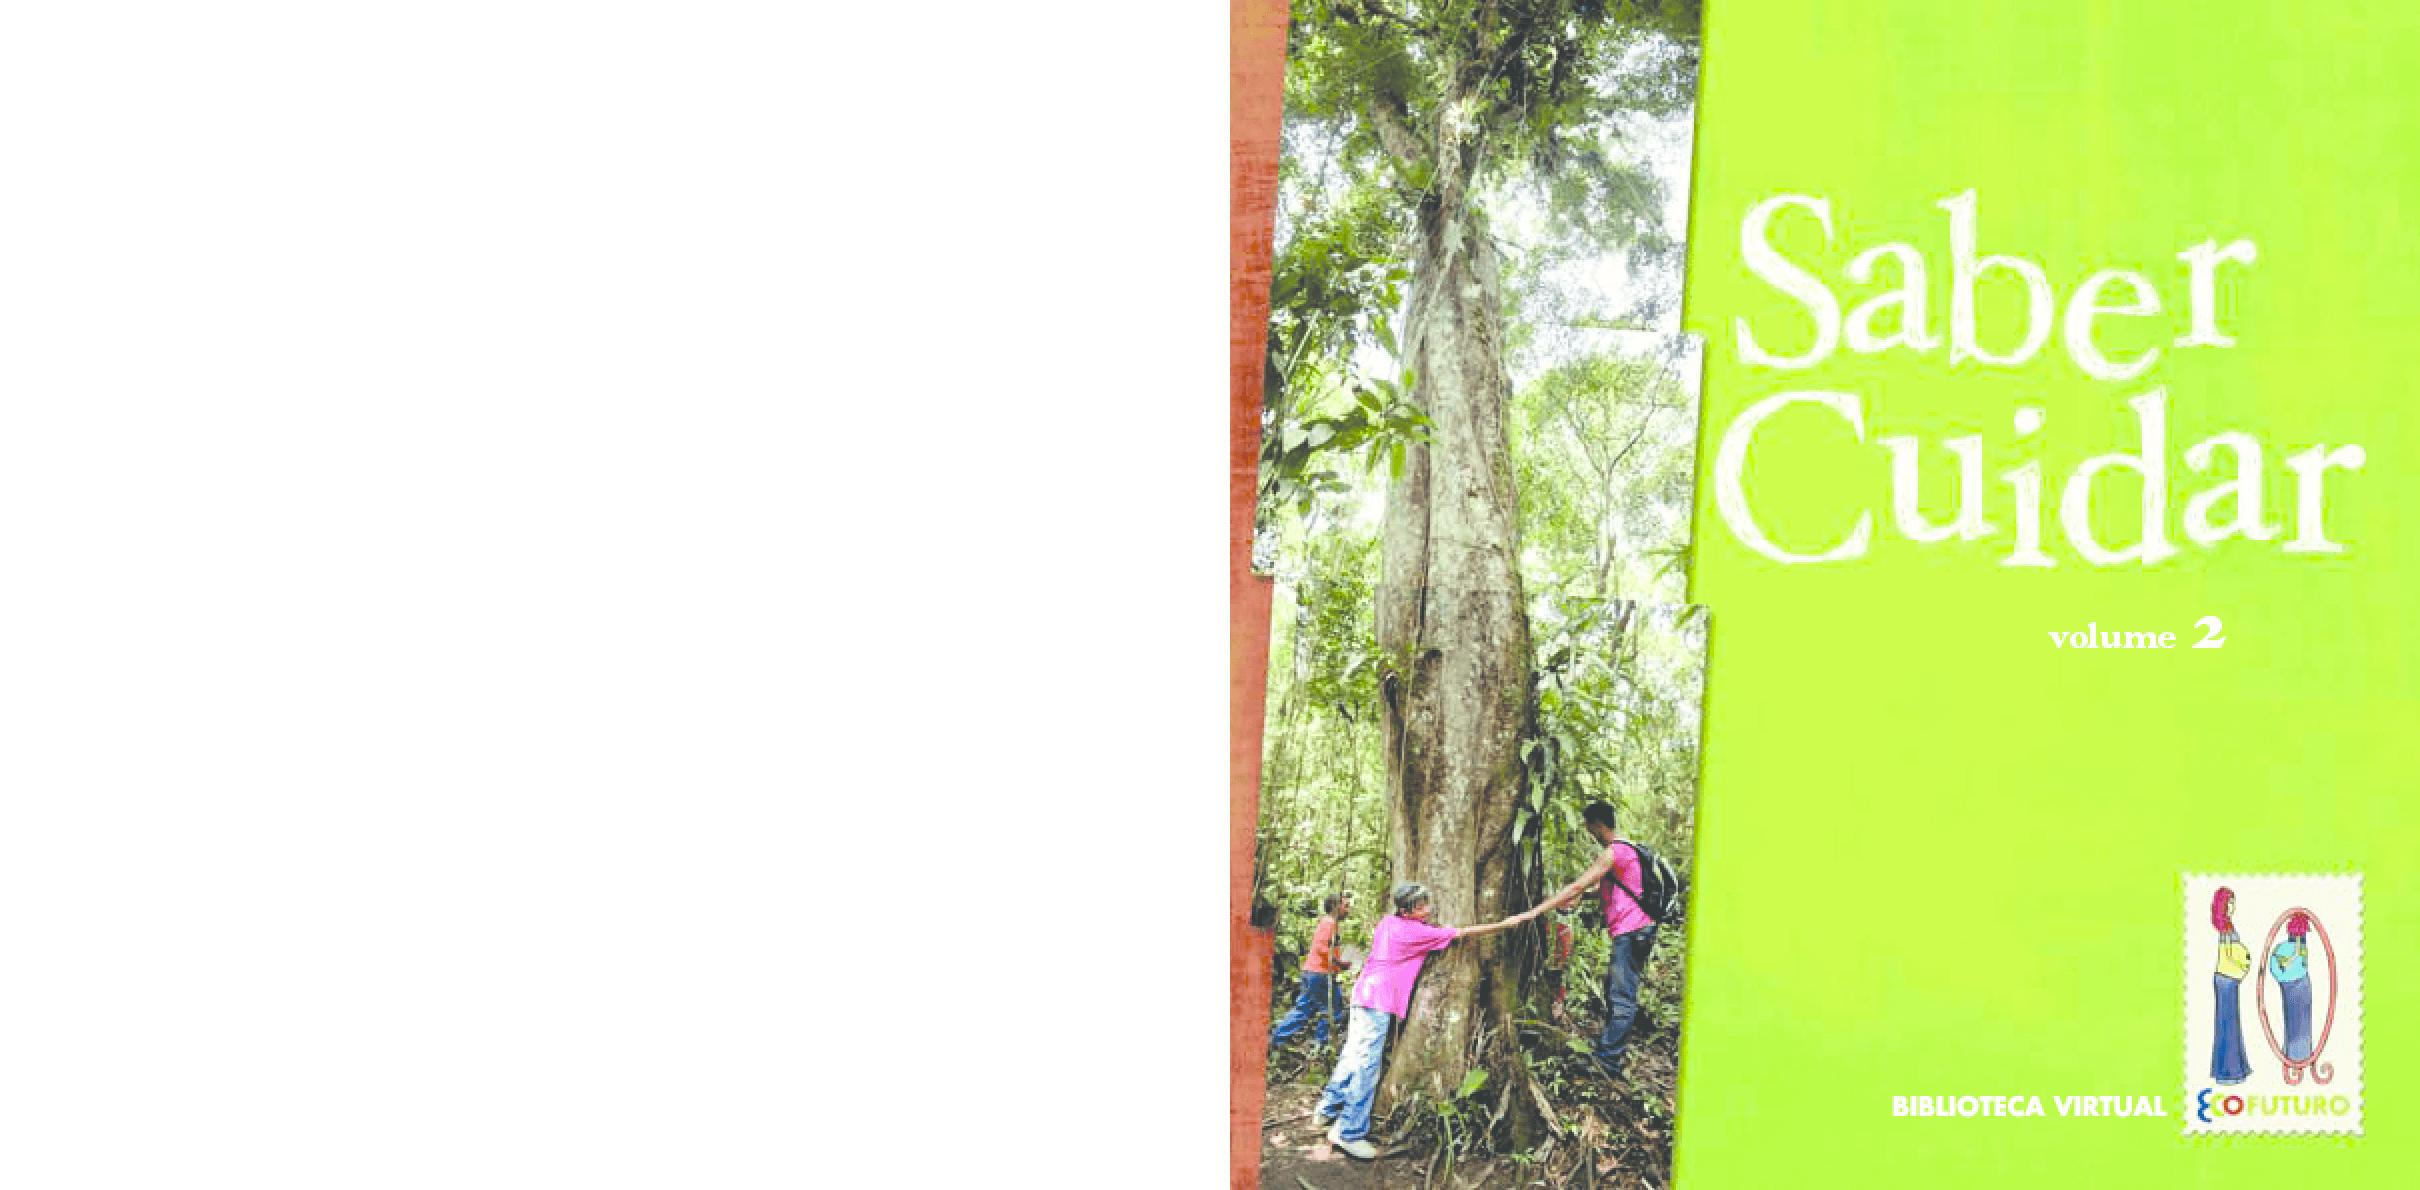 Saber Cuidar - 2º Prêmio ecofuturo de educação para a sustentabilidade